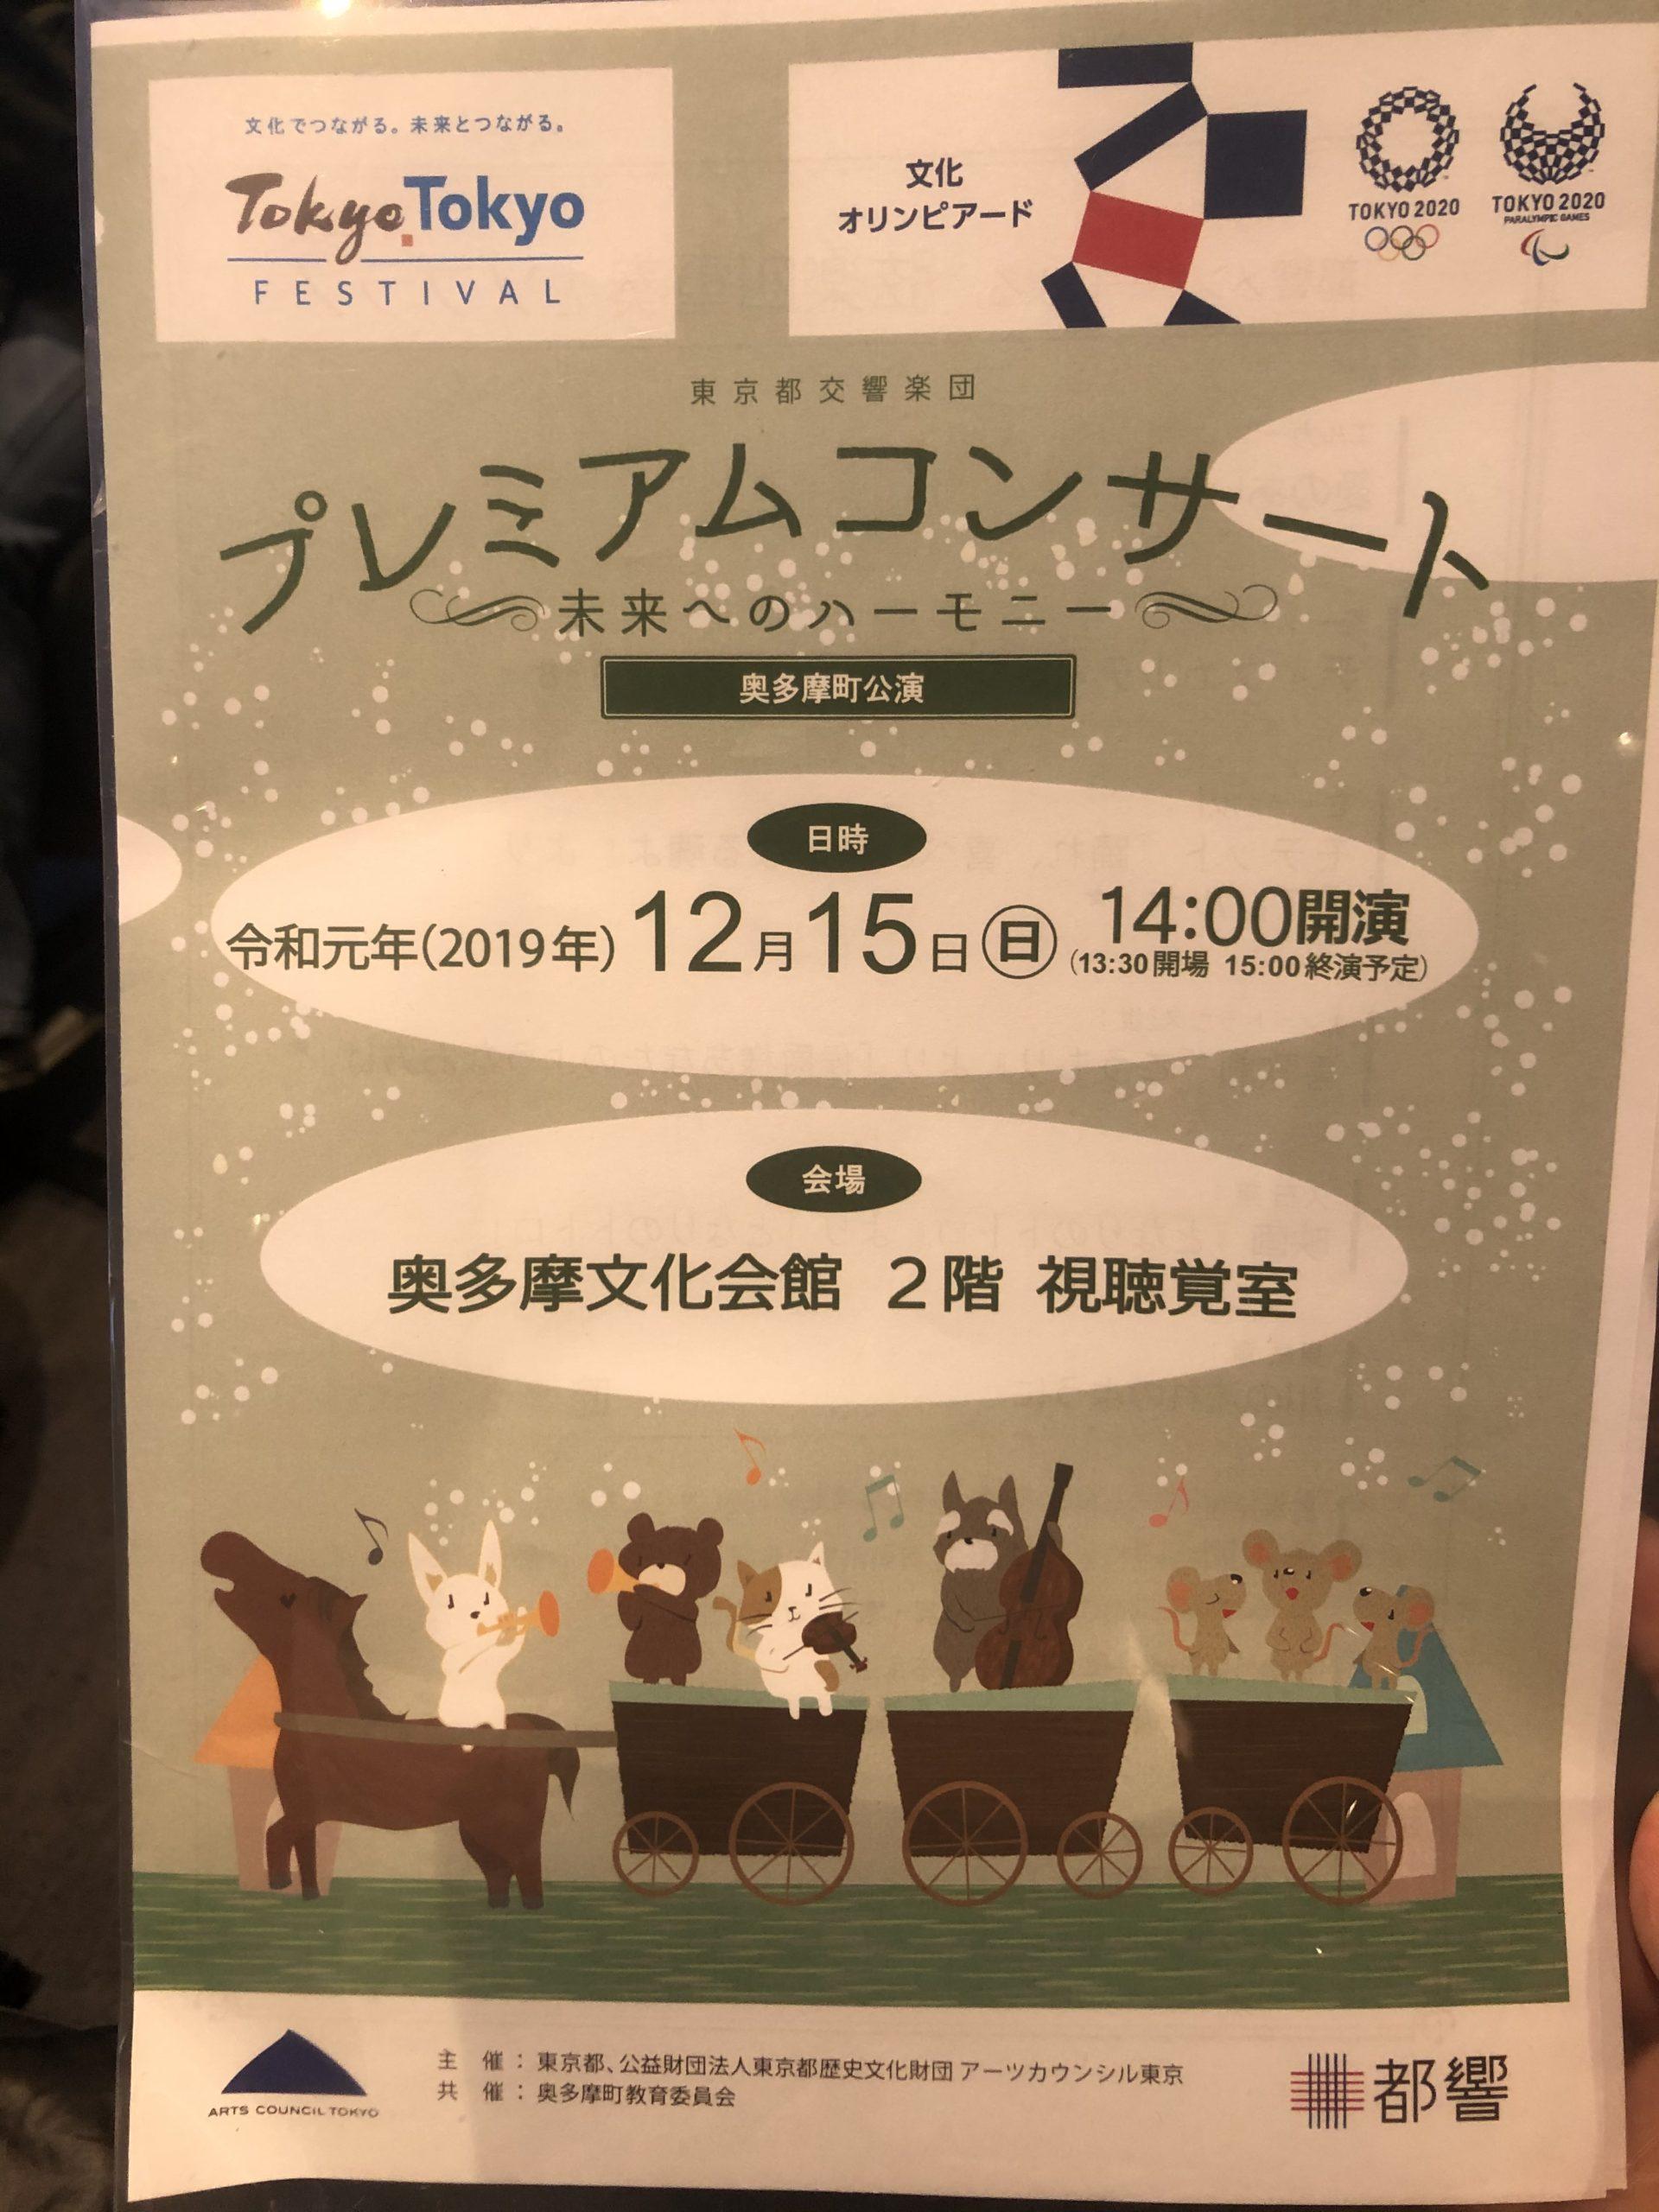 「プレミアムコンサート奥多摩町公演」演奏後記&「魔笛」オケ合わせ